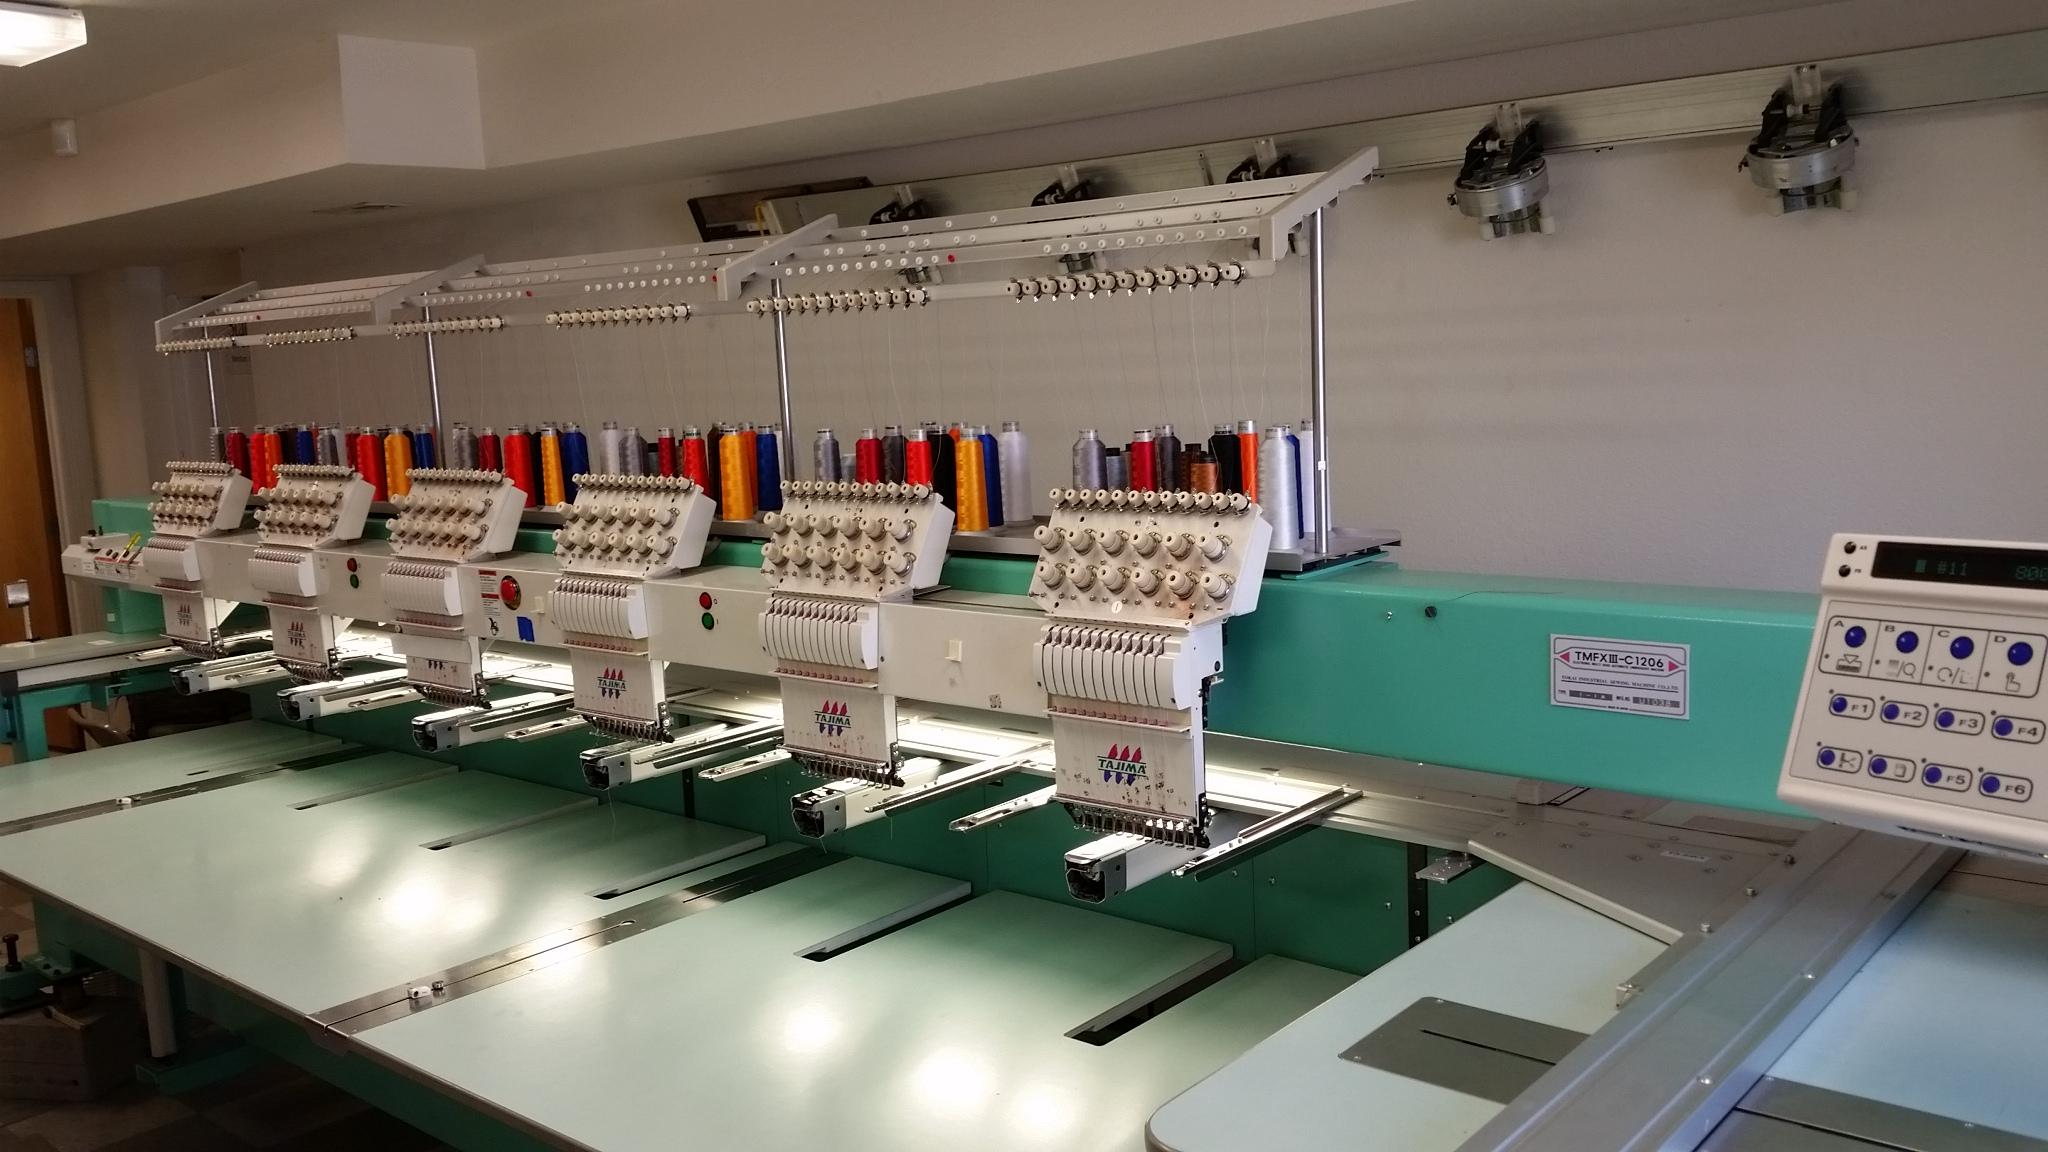 Tajima 2001 Tmfxiii C1206 Large Sewing Field